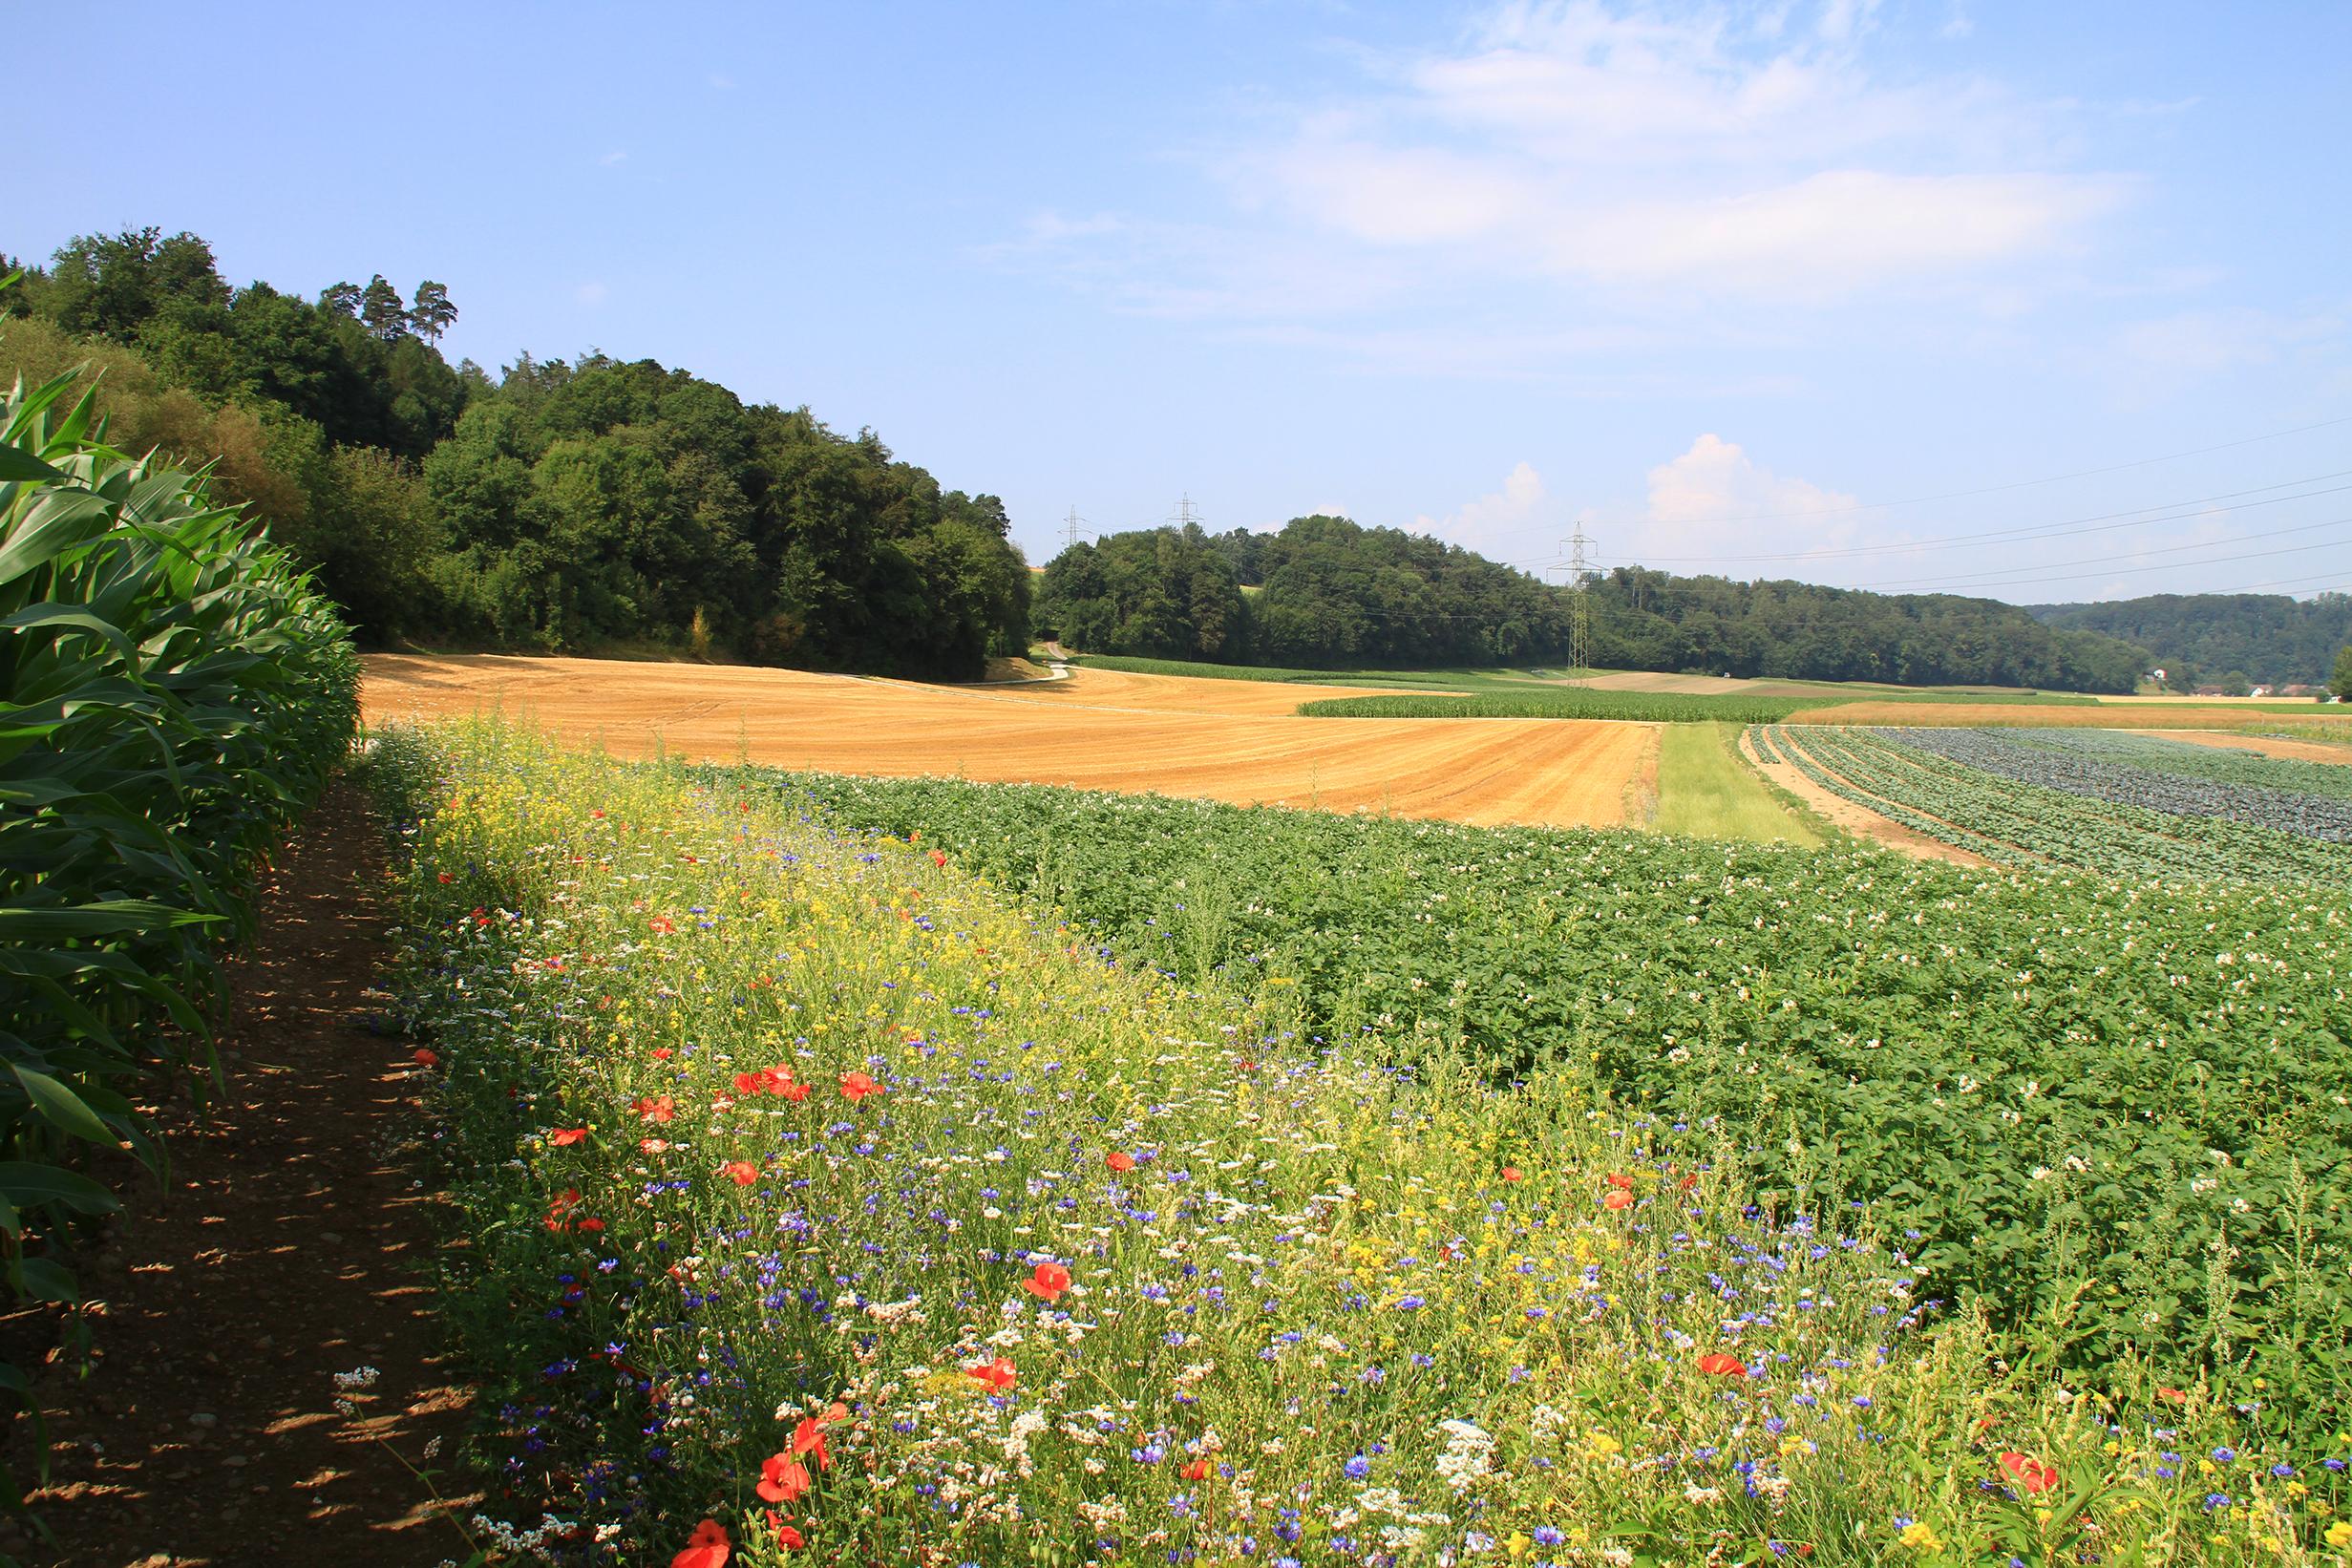 Blühstreifen für Nützlinge lohnen sich